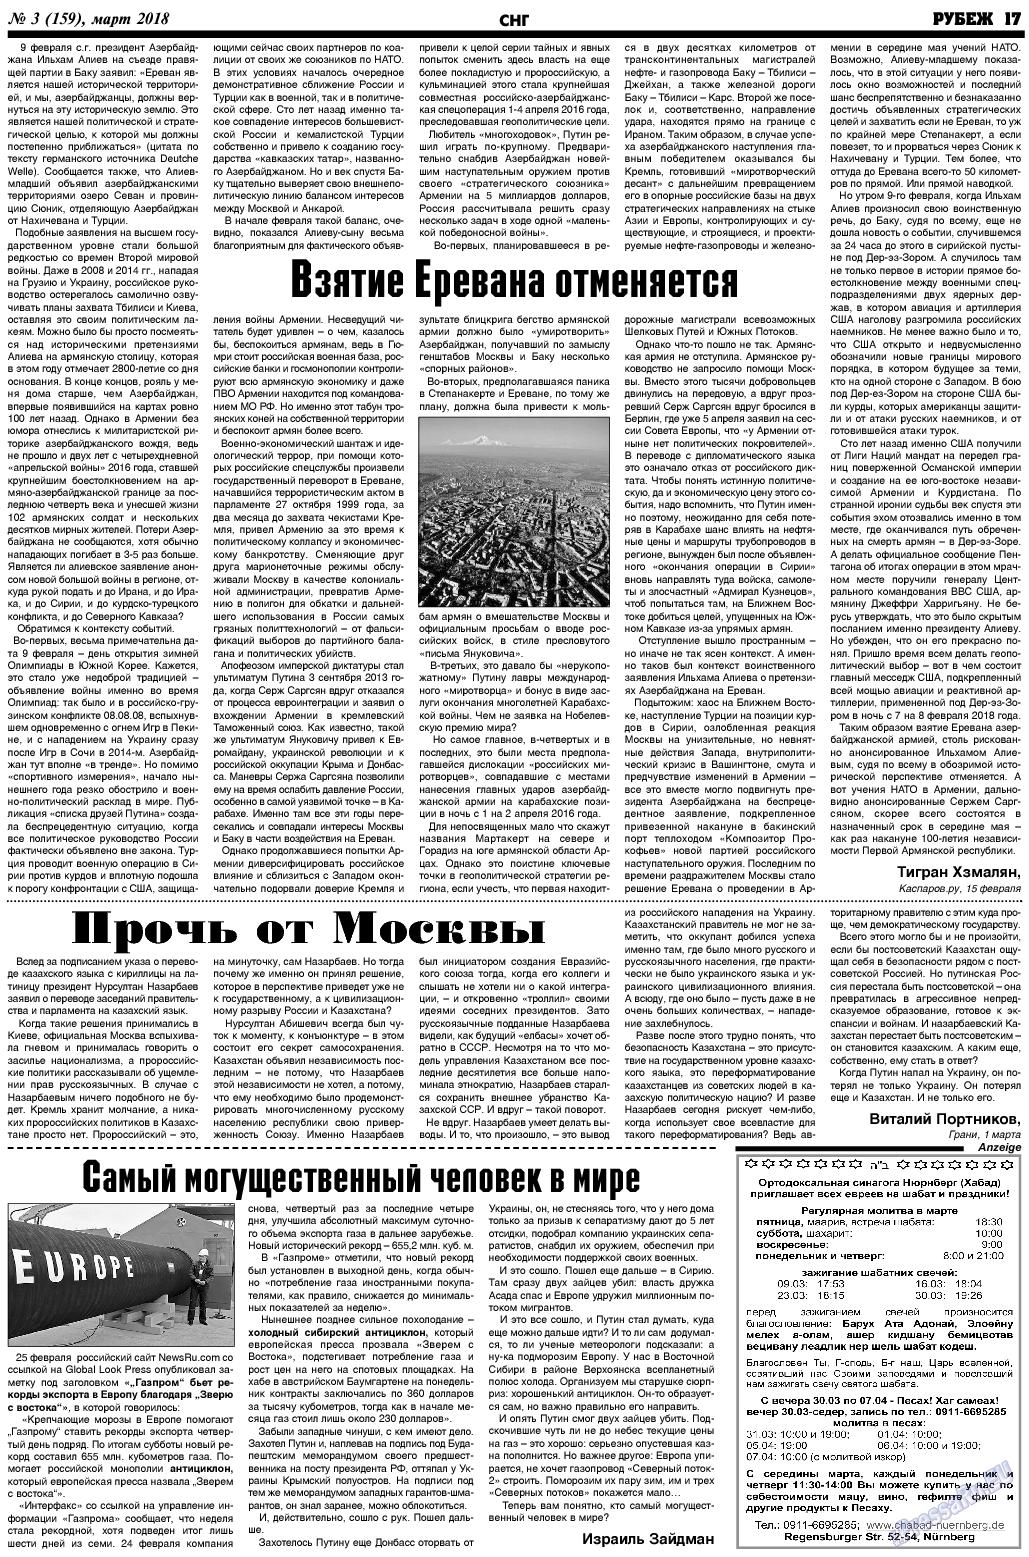 Рубеж (газета). 2018 год, номер 3, стр. 17